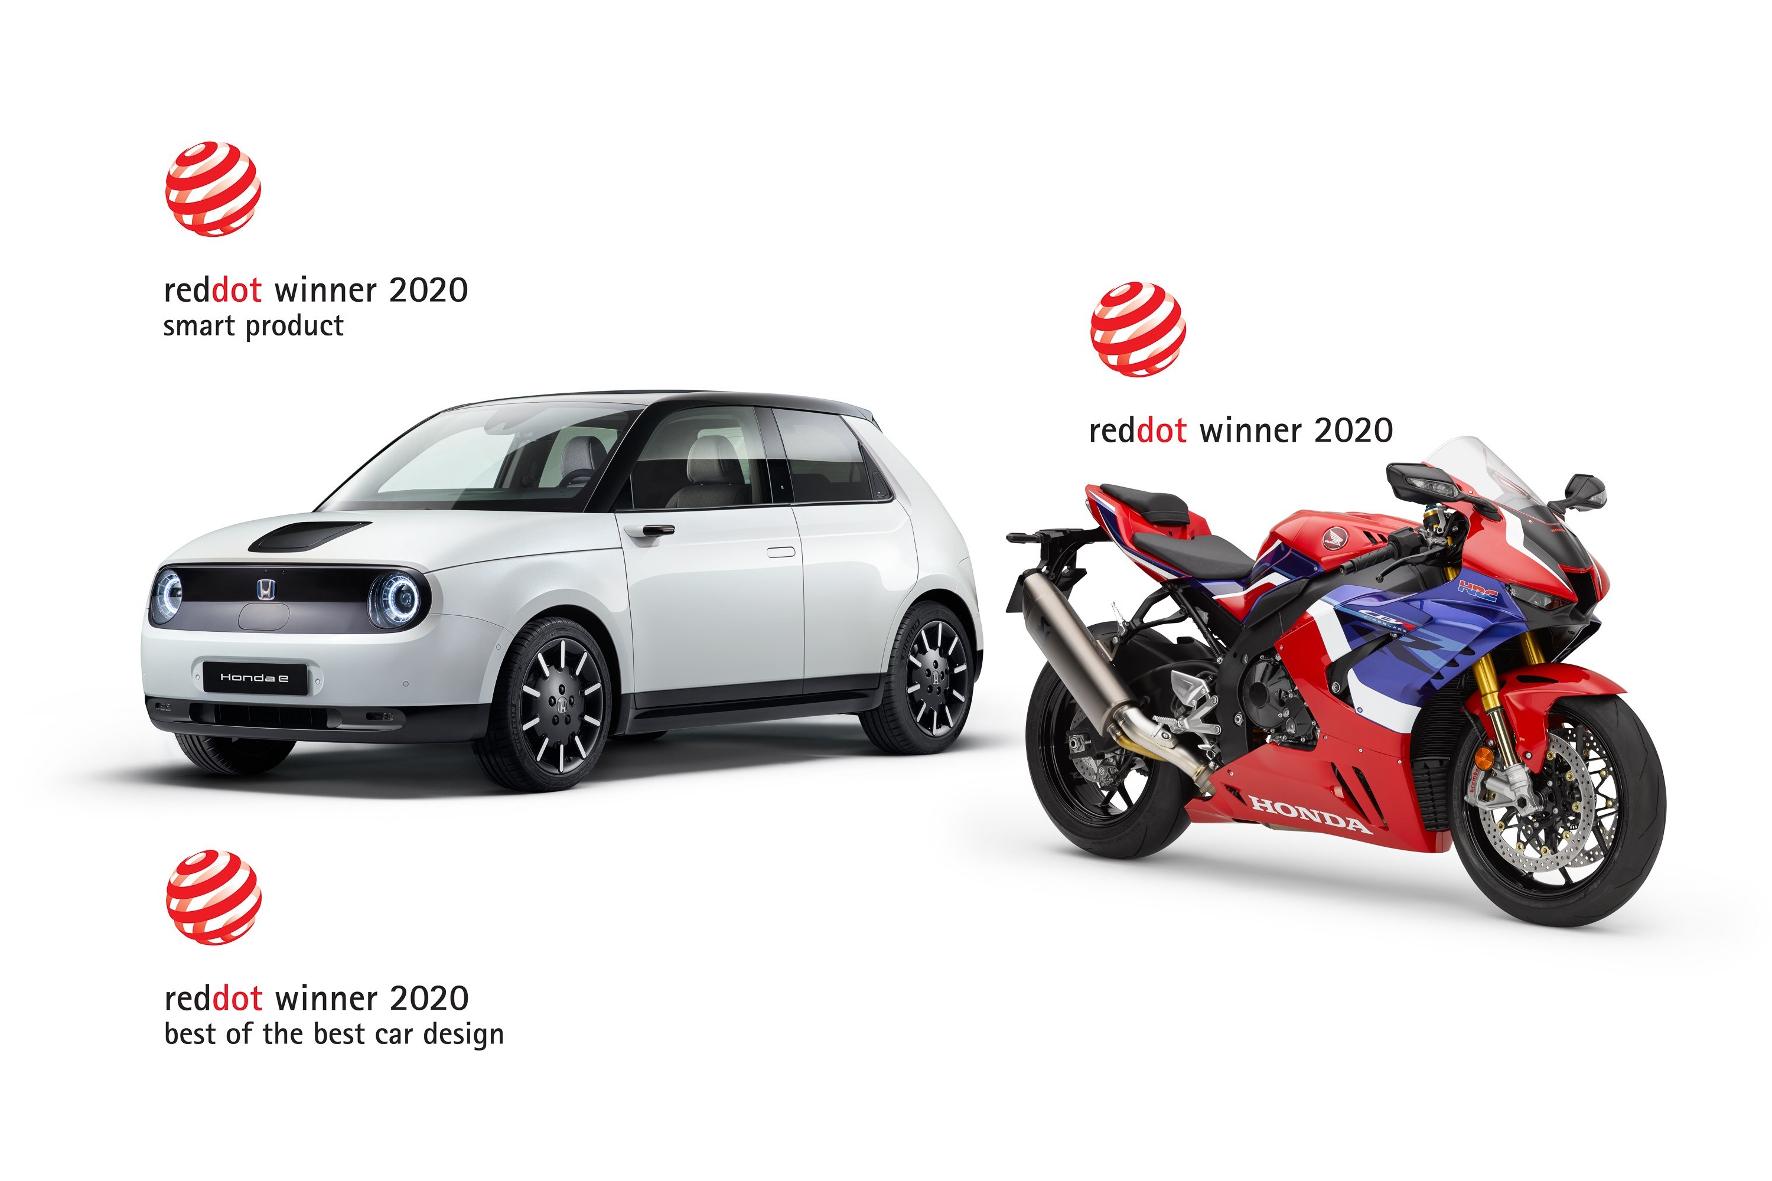 mid Groß-Gerau - Schönheits-Könige: der Honda e und die CBR1000RR-R Fireblade SP. Honda